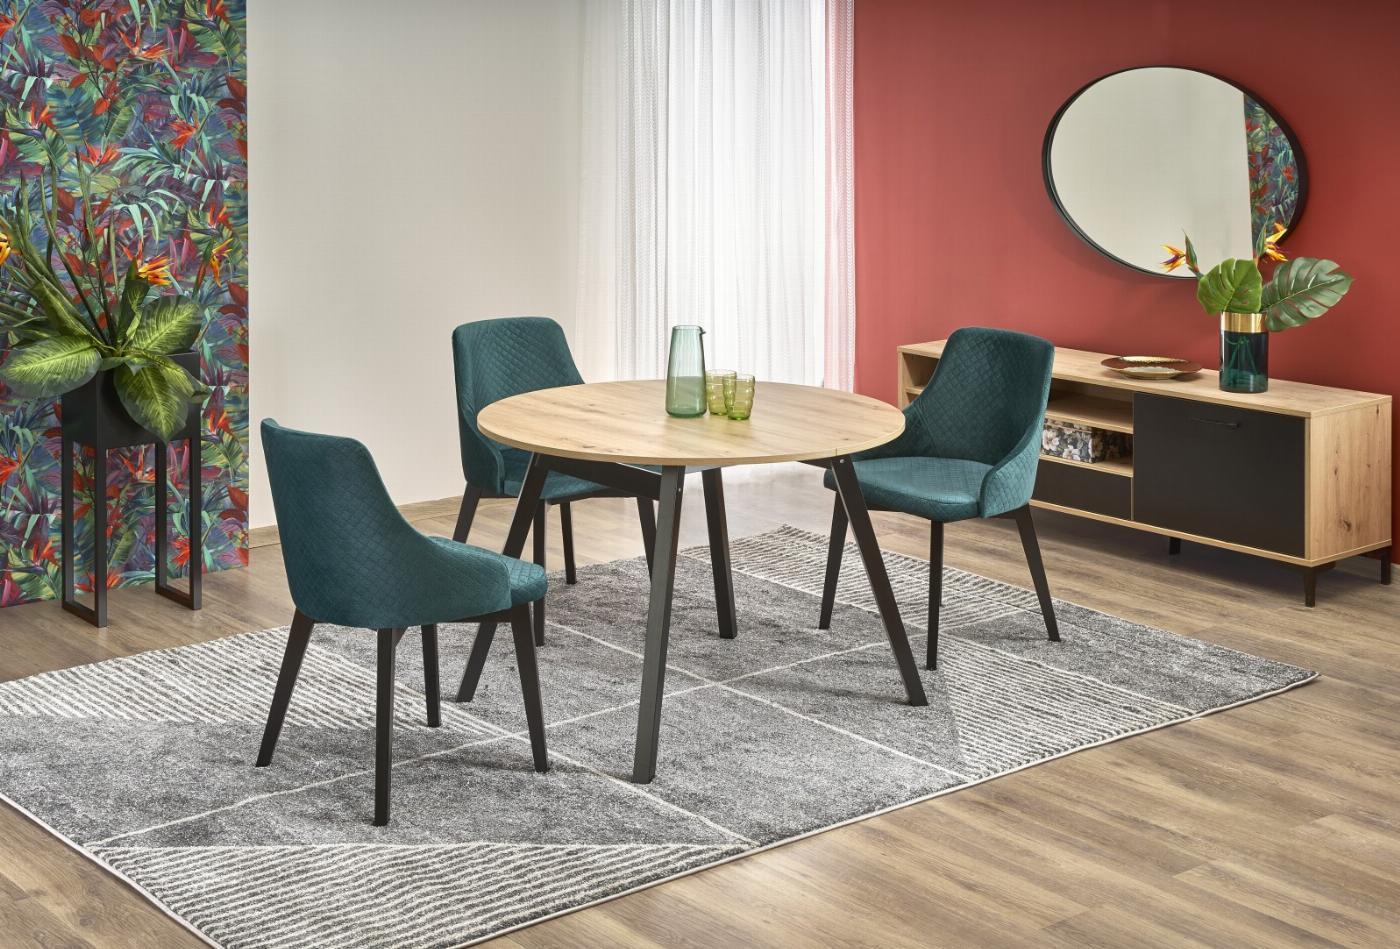 RUBEN stół kolor blat - dąb artisan, nogi - czarny (102-142x102x75 cm) (2p=1szt)